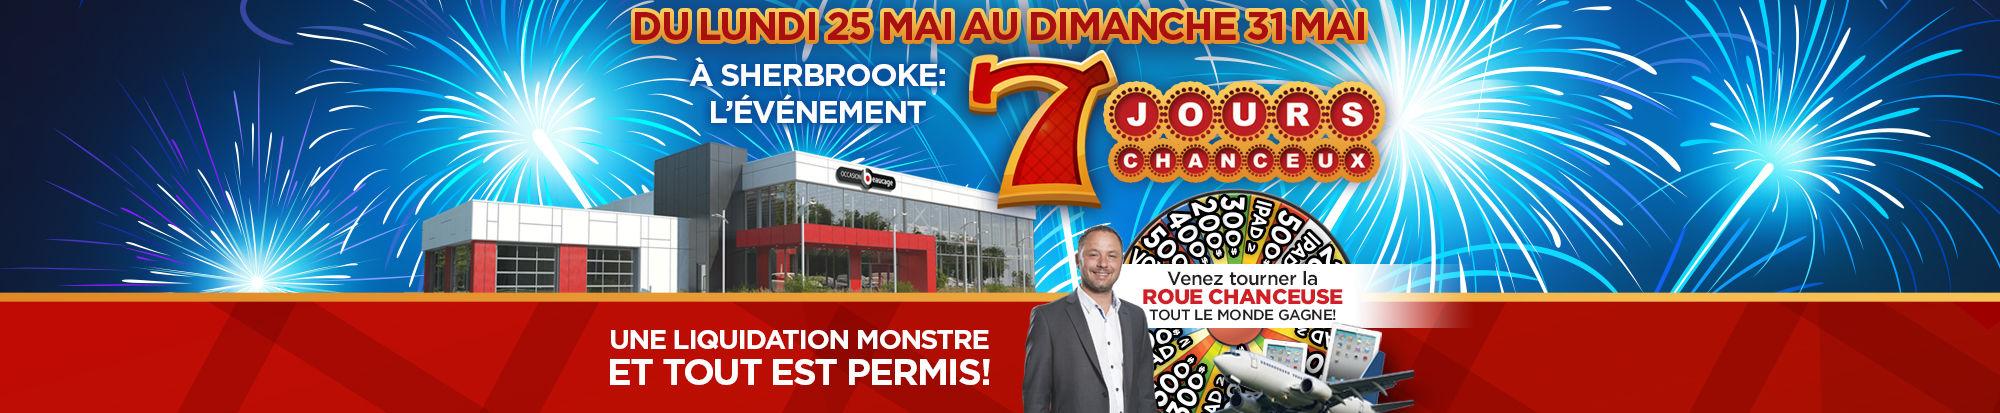 L'ÉVÉNEMENT « LES 7 JOURS CHANCEUX »